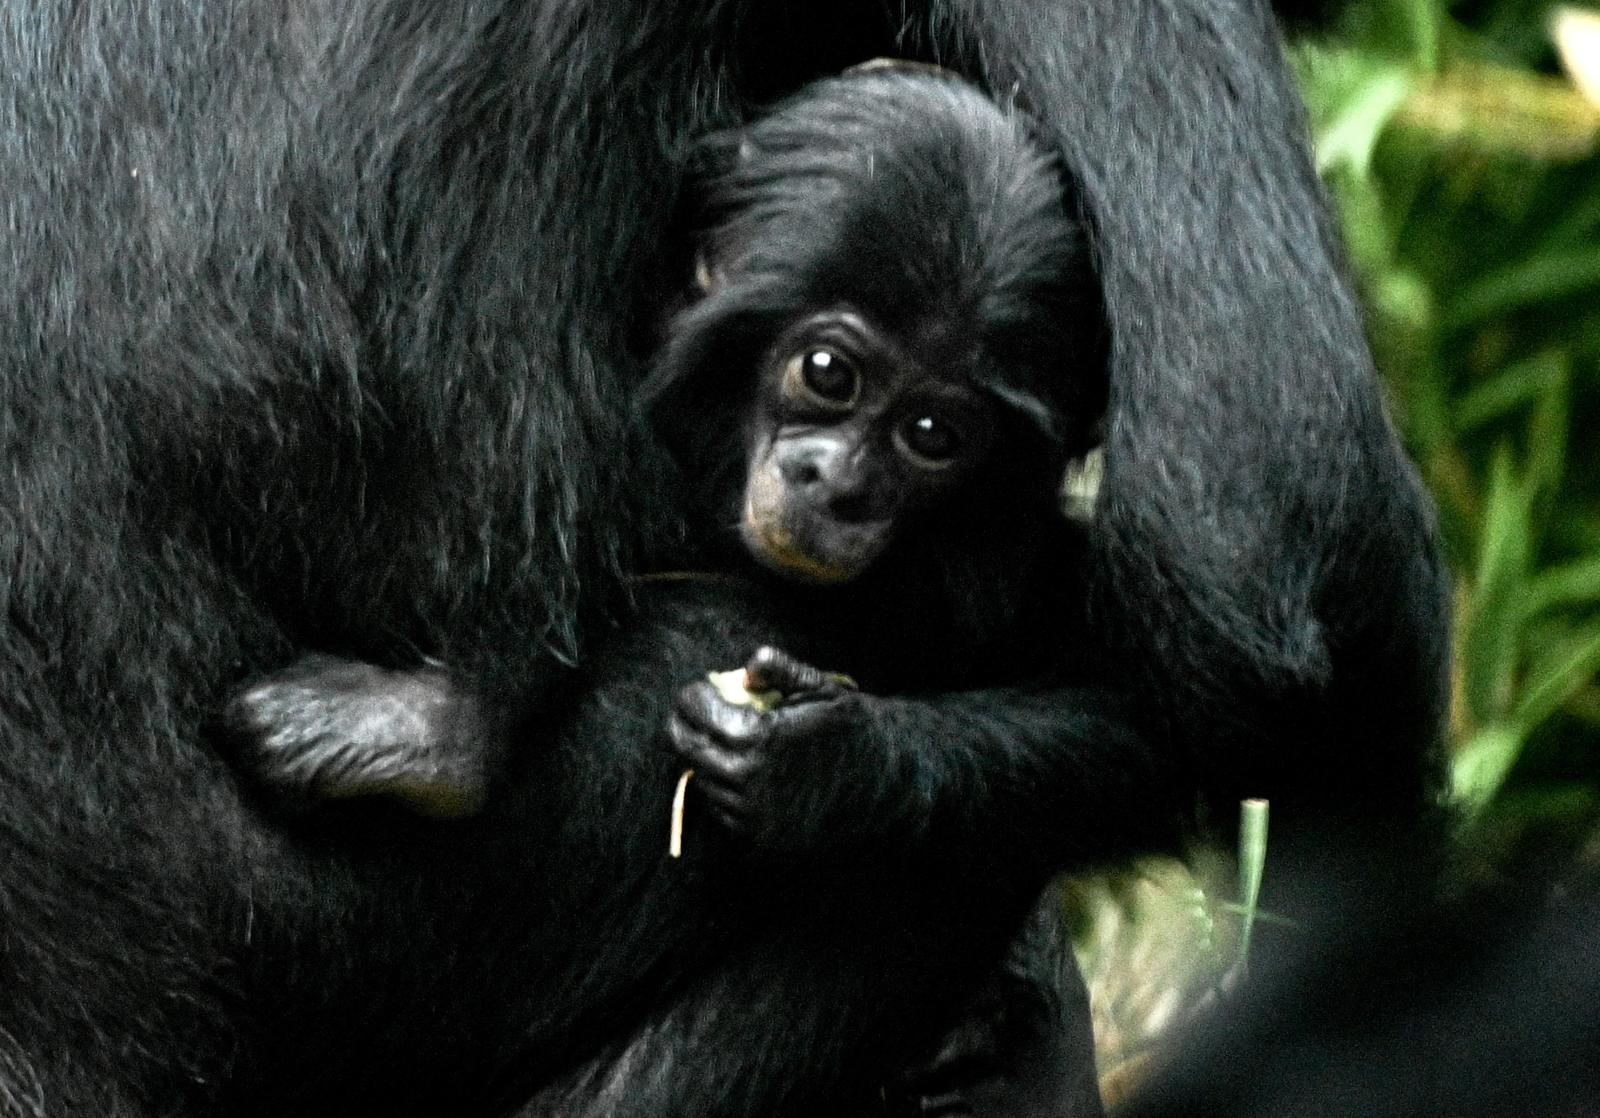 Półroczny szympans bonobo w Niemczech Fot. PAP/EPA/SASCHA STEINBACH